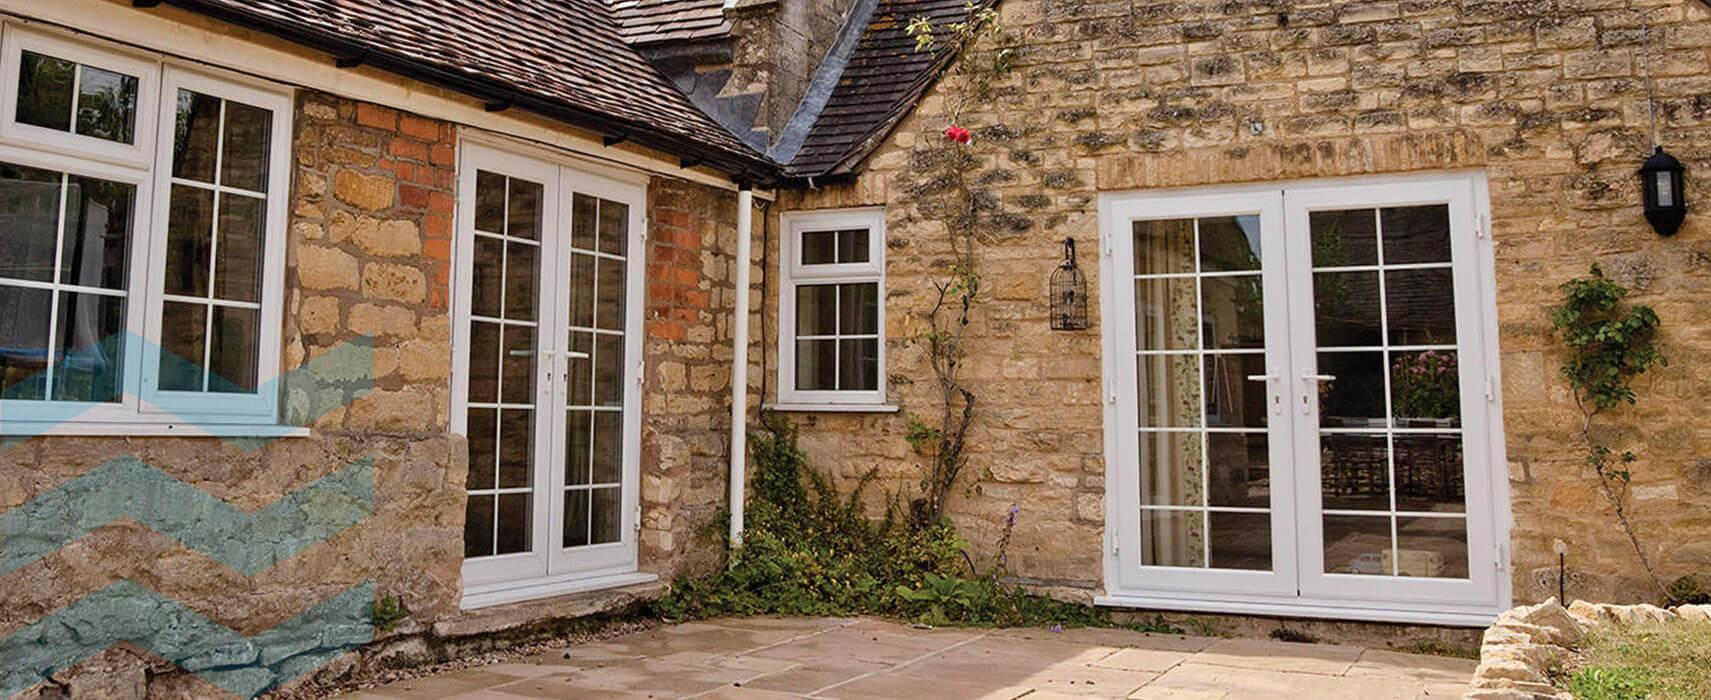 Cottage Pane Doors price